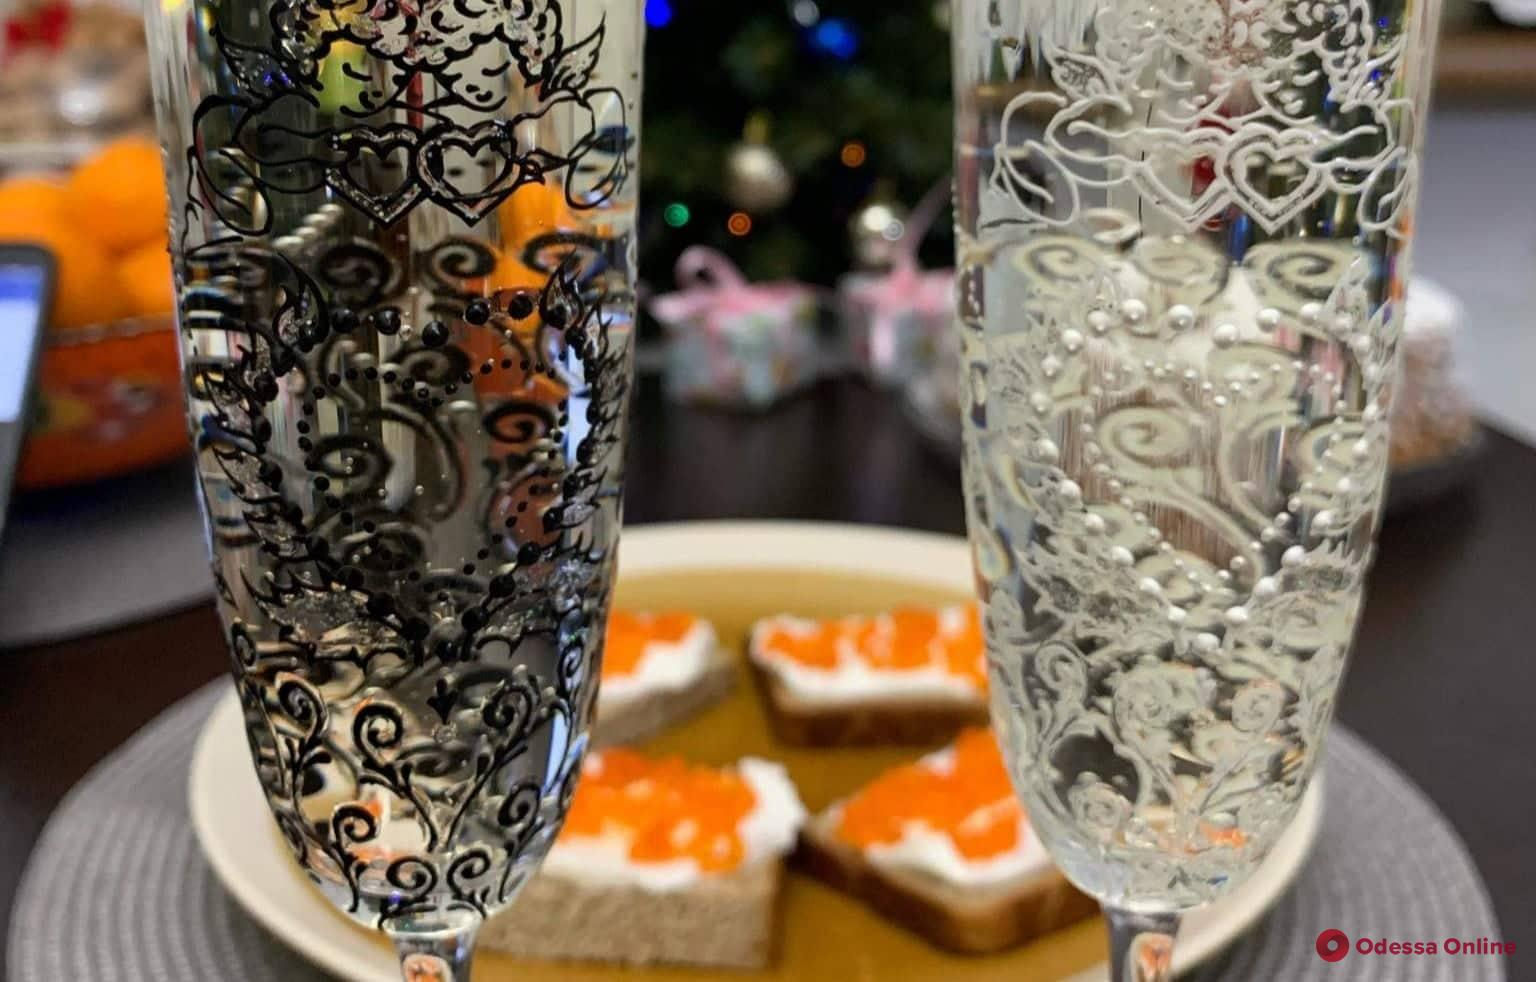 Во сколько одесситам обойдется накрыть скромный новогодний стол